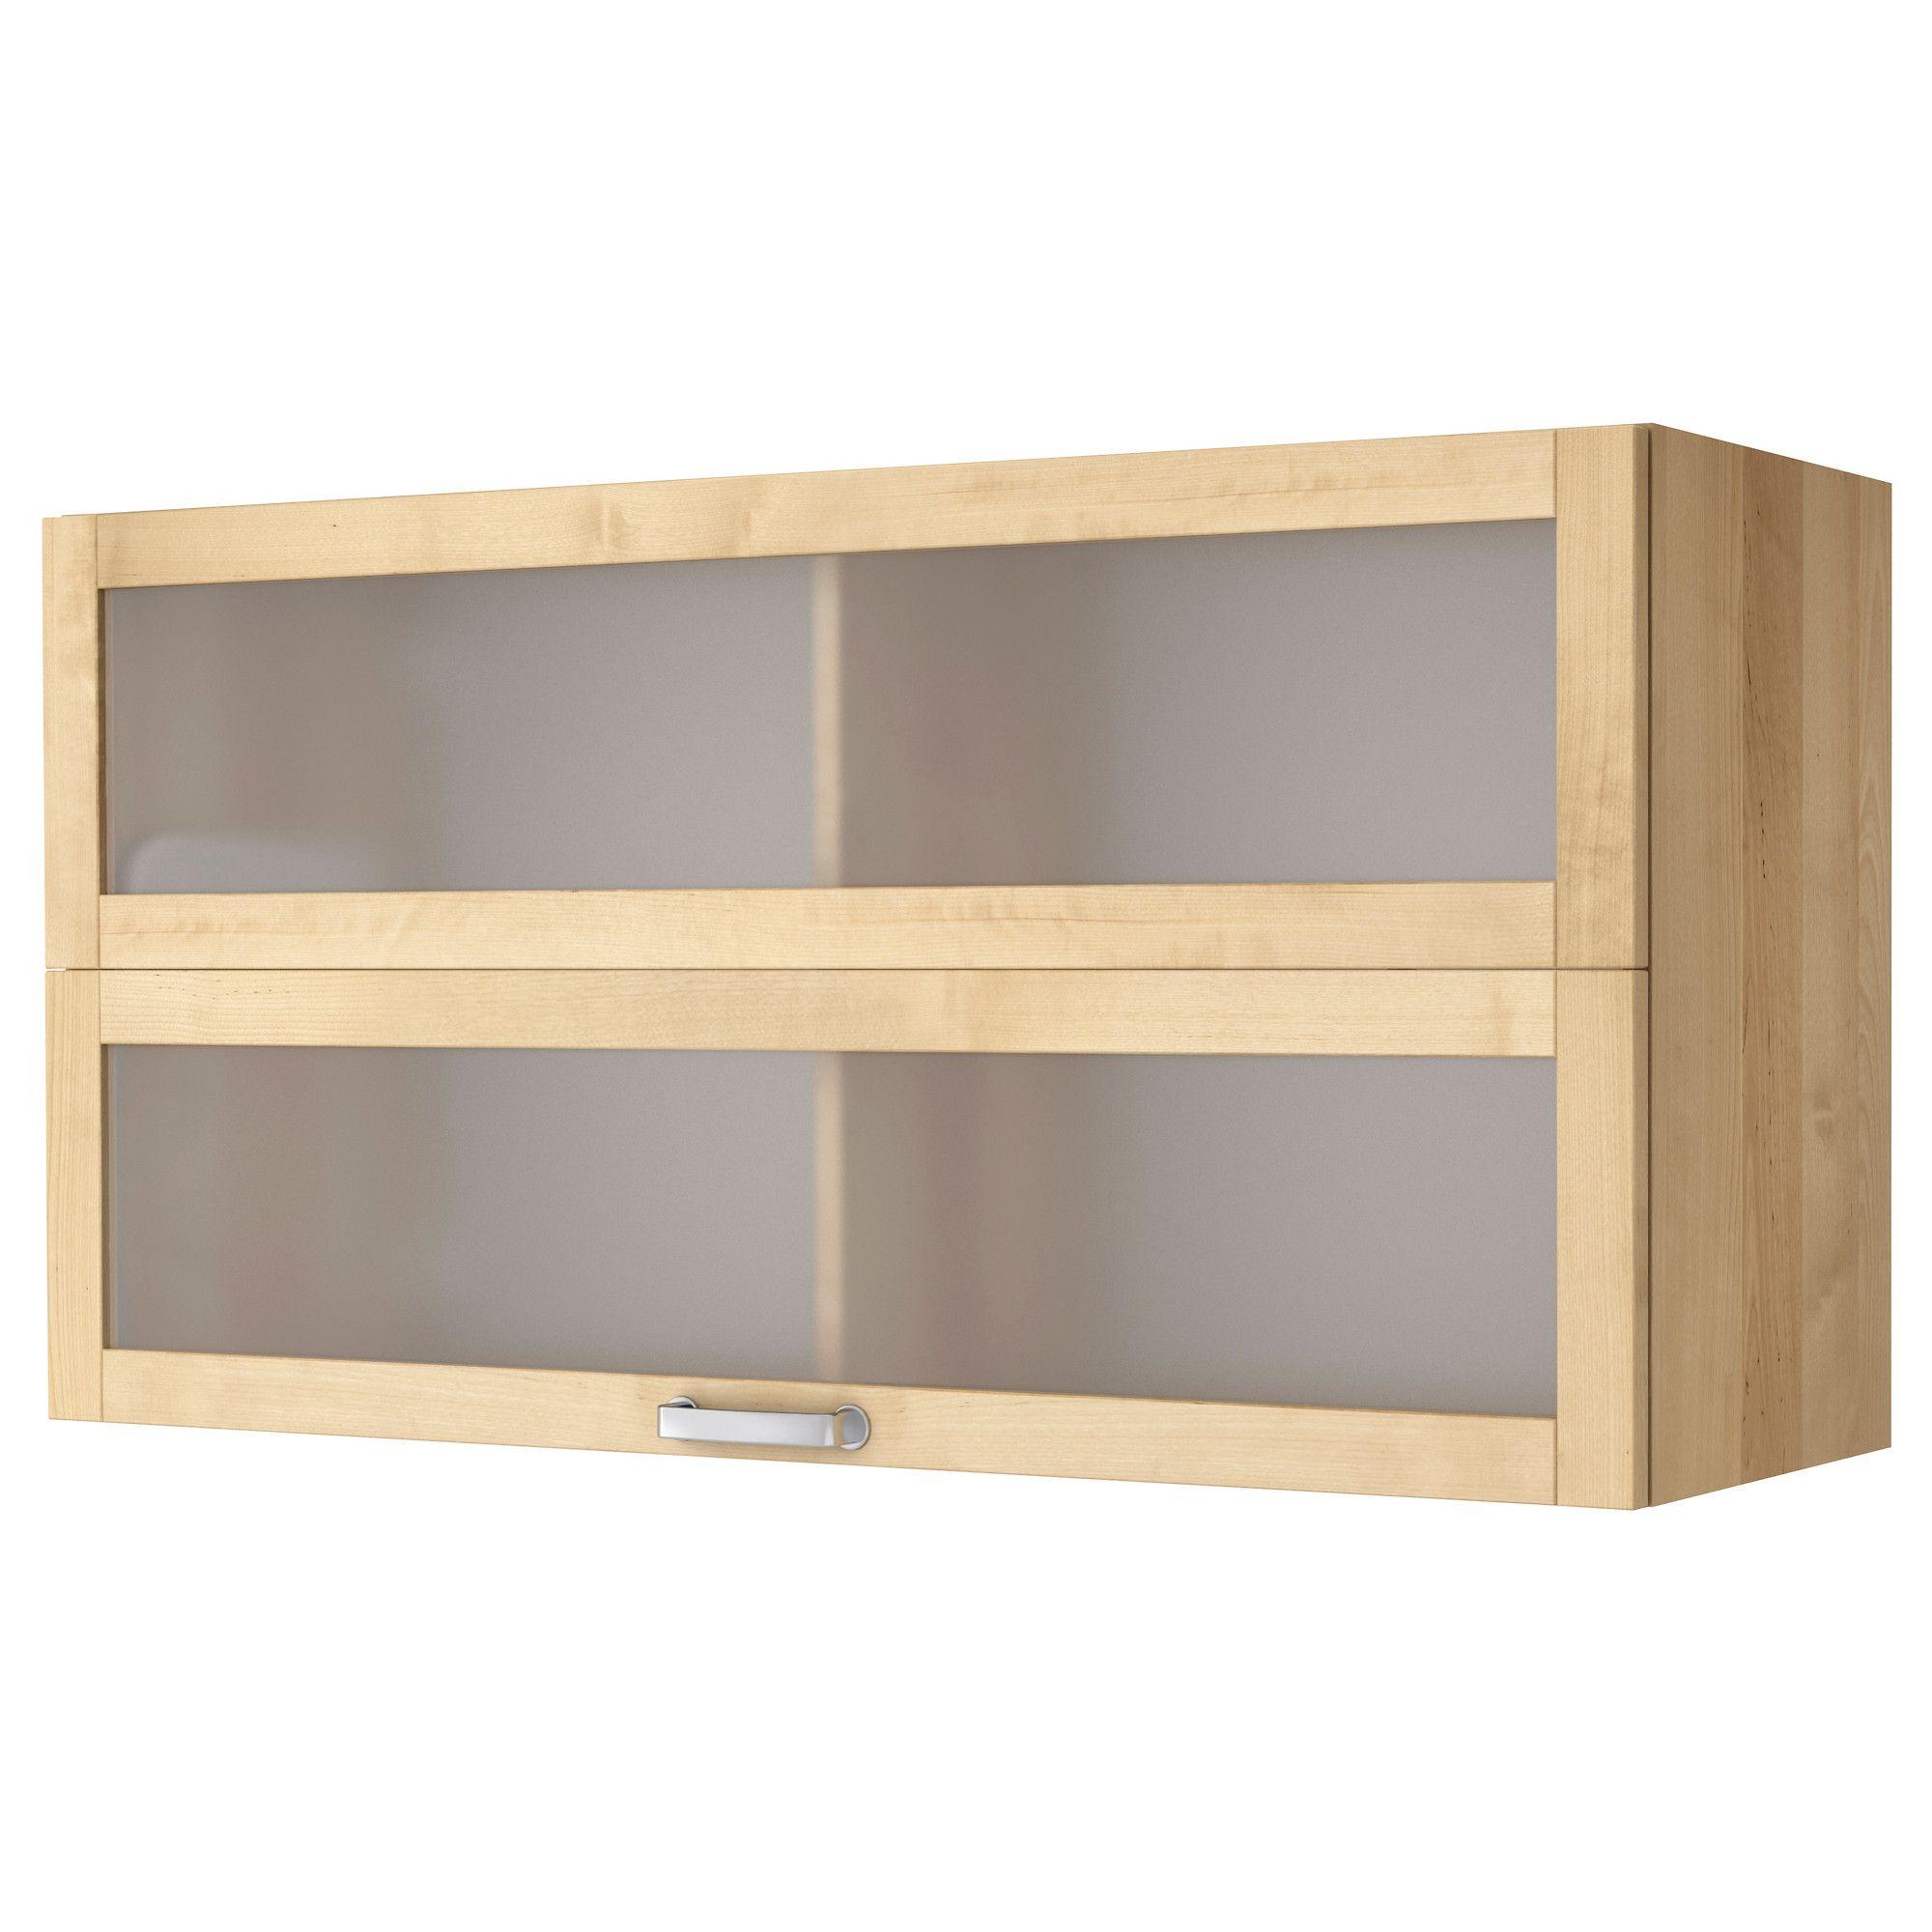 Full Size of Us Furniture And Home Furnishings Bathroom Design Luxury Küche Kaufen Ikea Kosten Miniküche Betten Bei 160x200 Sofa Mit Schlaffunktion Modulküche Wohnzimmer Ikea Värde